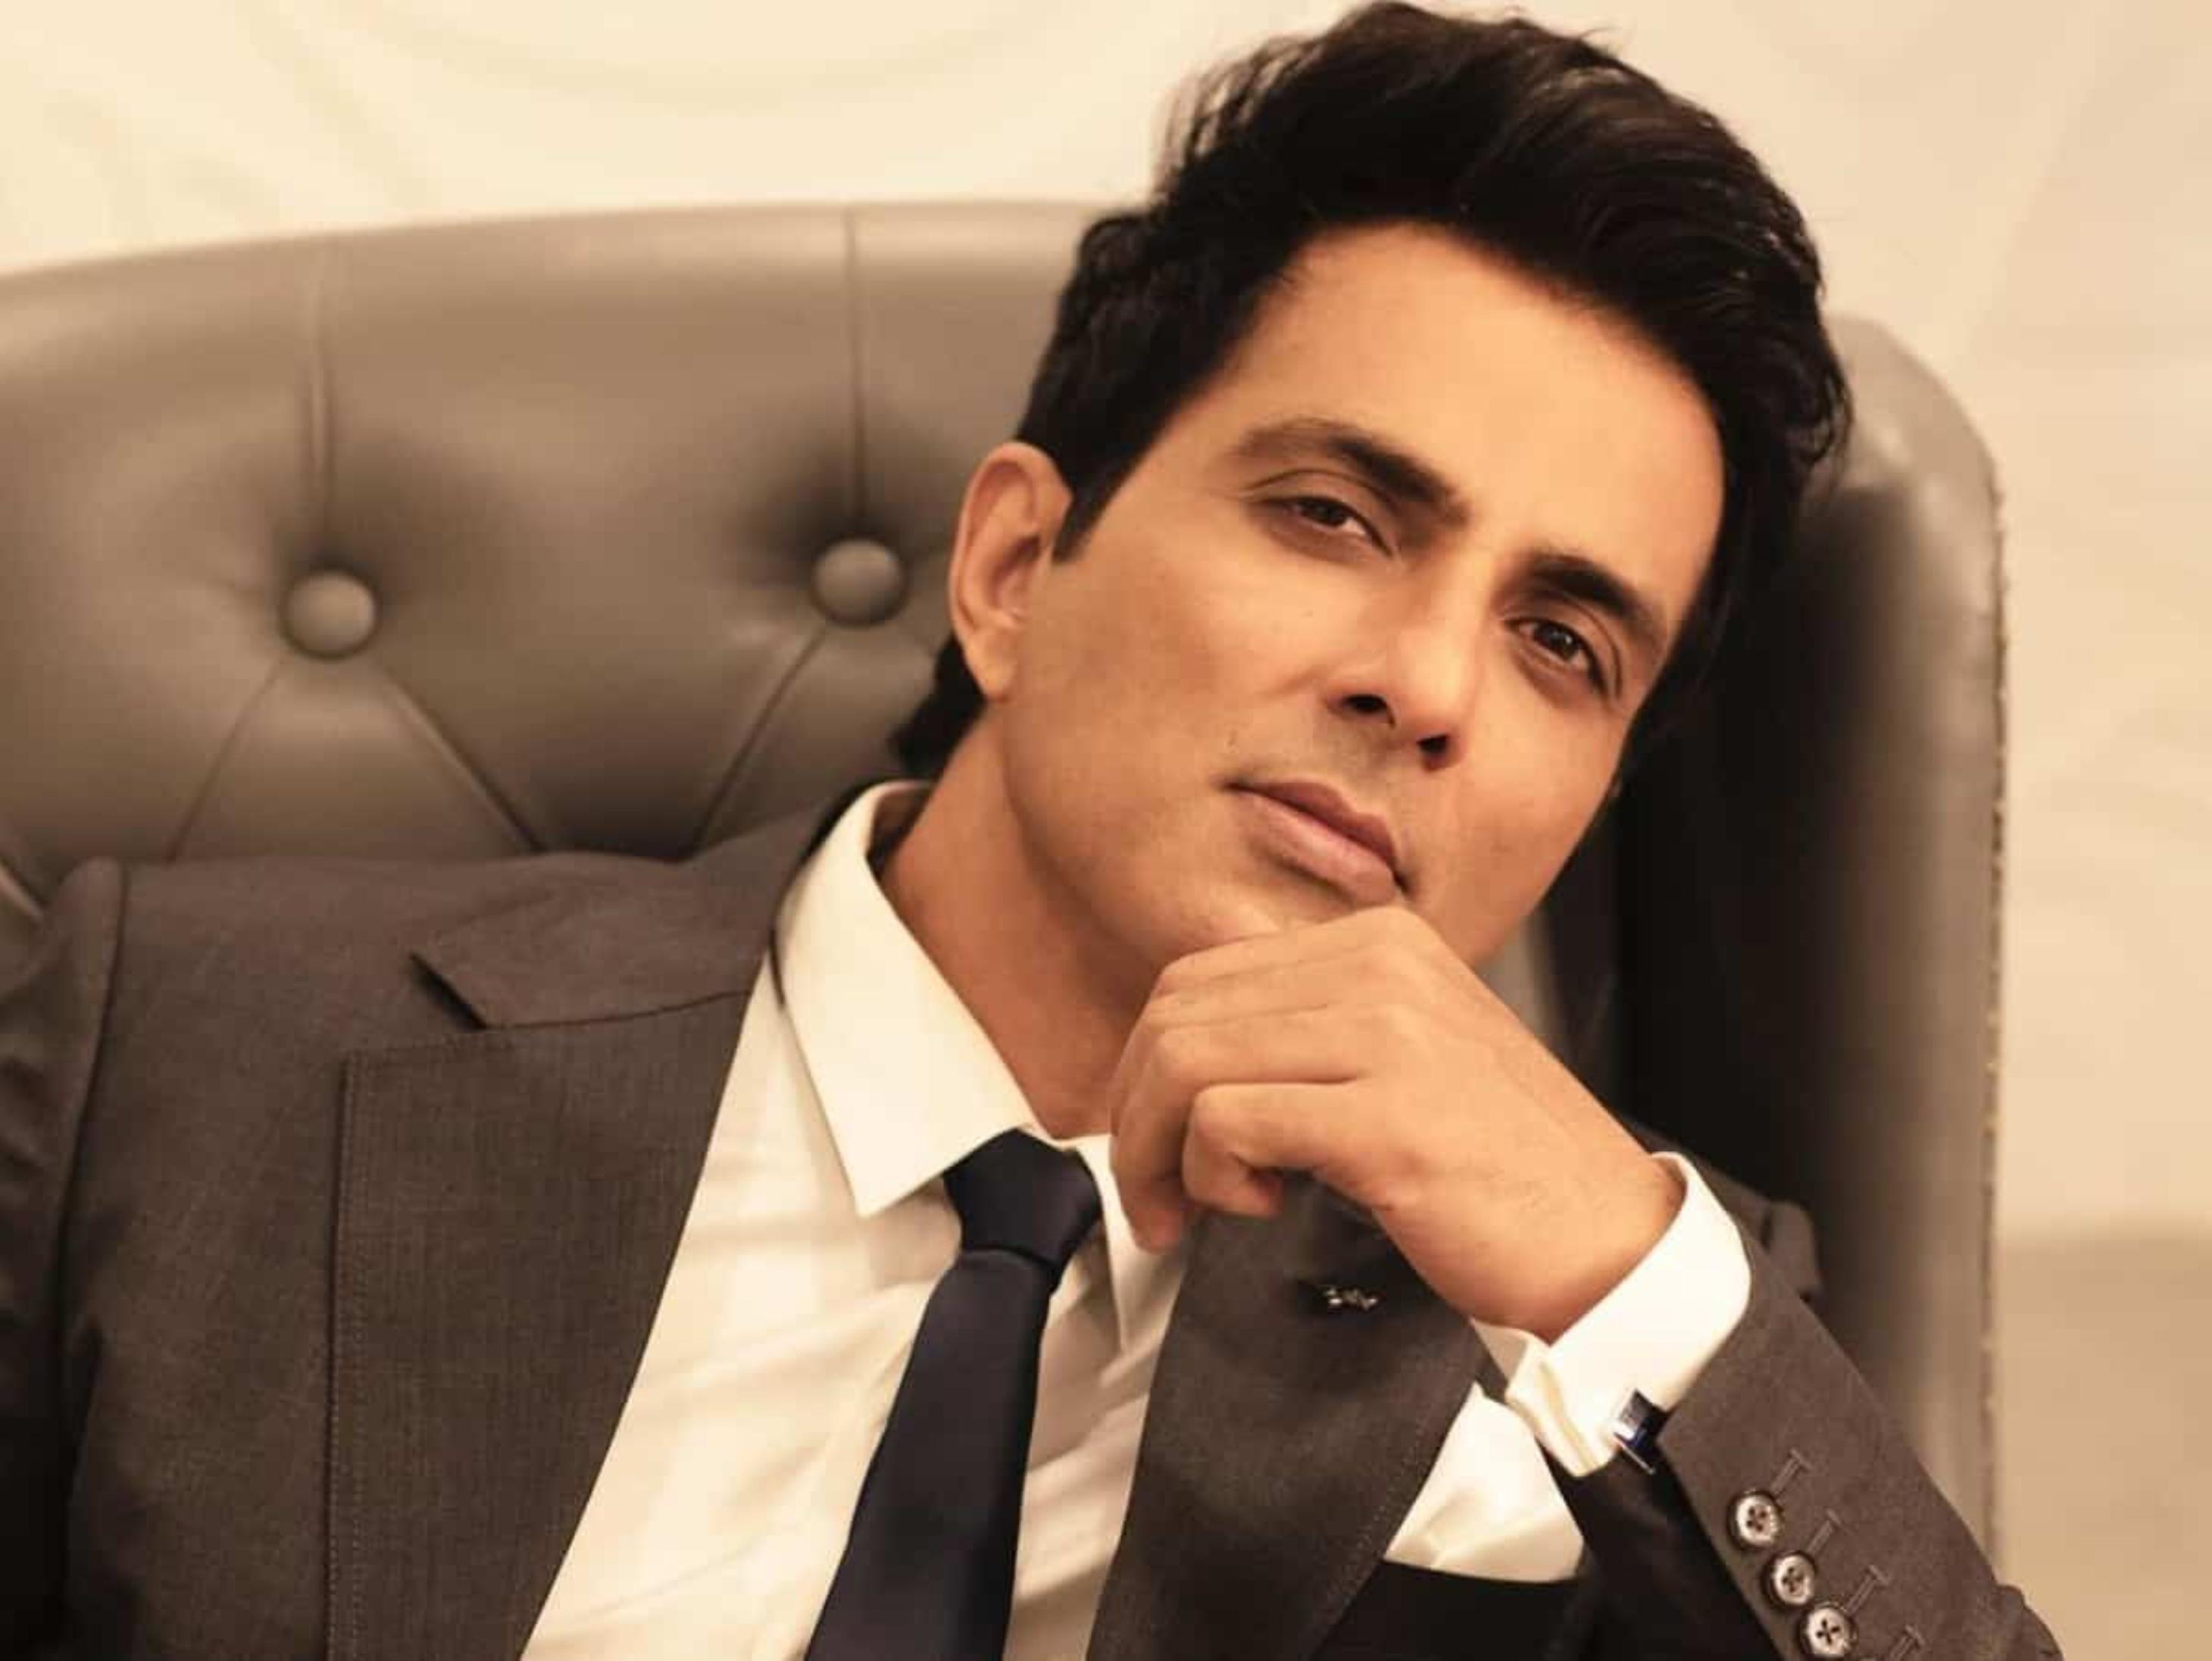 जिस मैगजीन ने सालों पहले सोनू सूद काे कर दिया था रिजेक्ट, आज उसी के कवर पेज पर छपा इंटरव्यू बॉलीवुड,Bollywood - Dainik Bhaskar